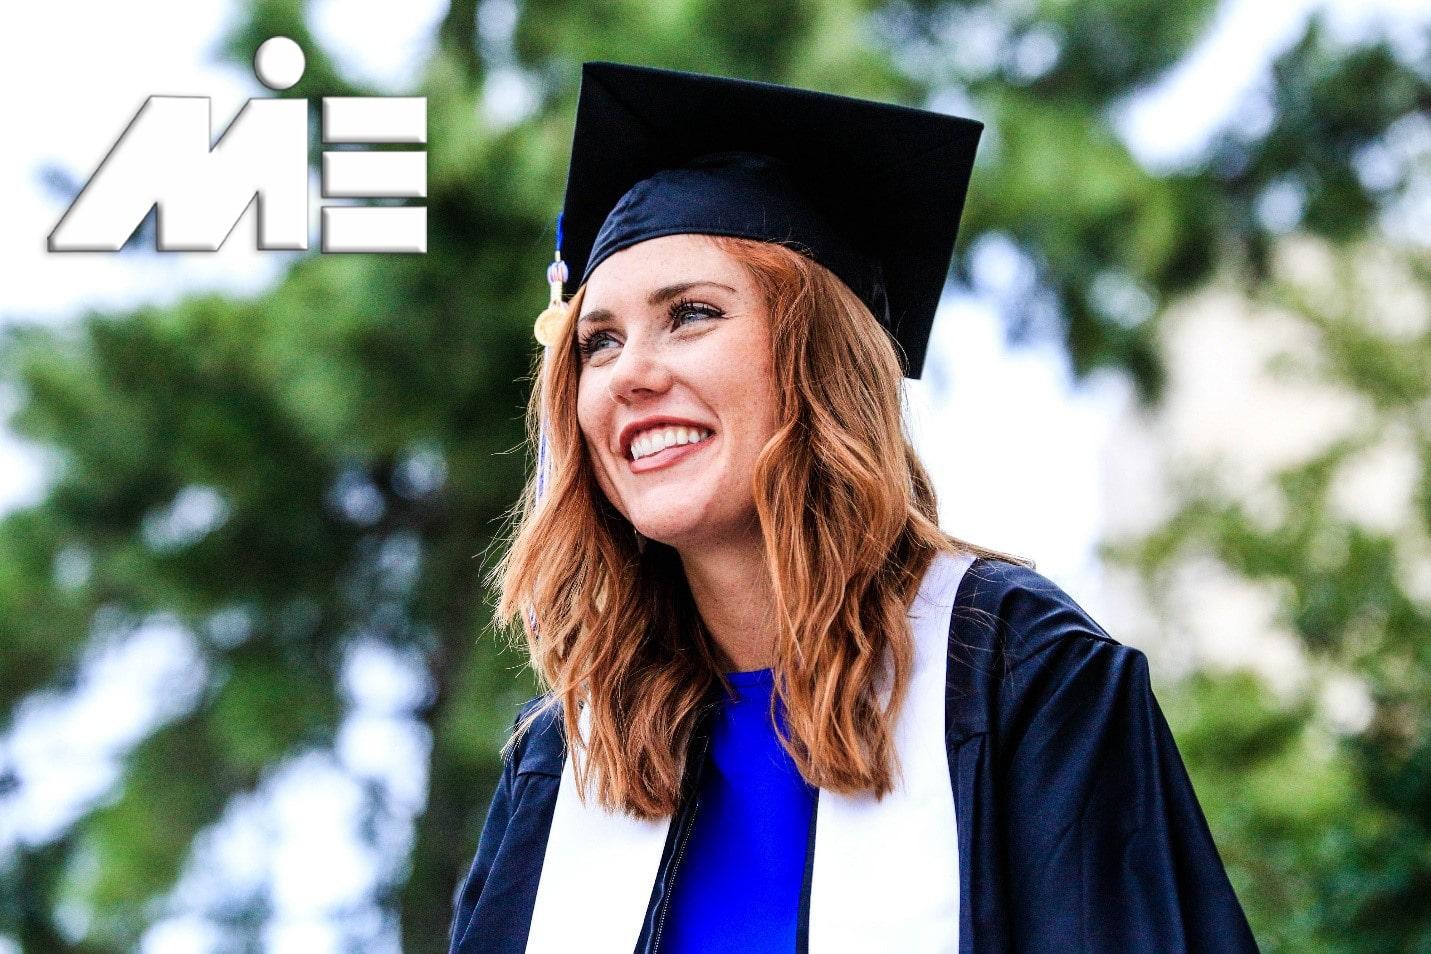 تحصیل در خارج از کشور - فارغ التحصیلی از دانشگاههای خارجی - مهاجرت تحصیلی به خارج - تحصیل در کالج های خارجی